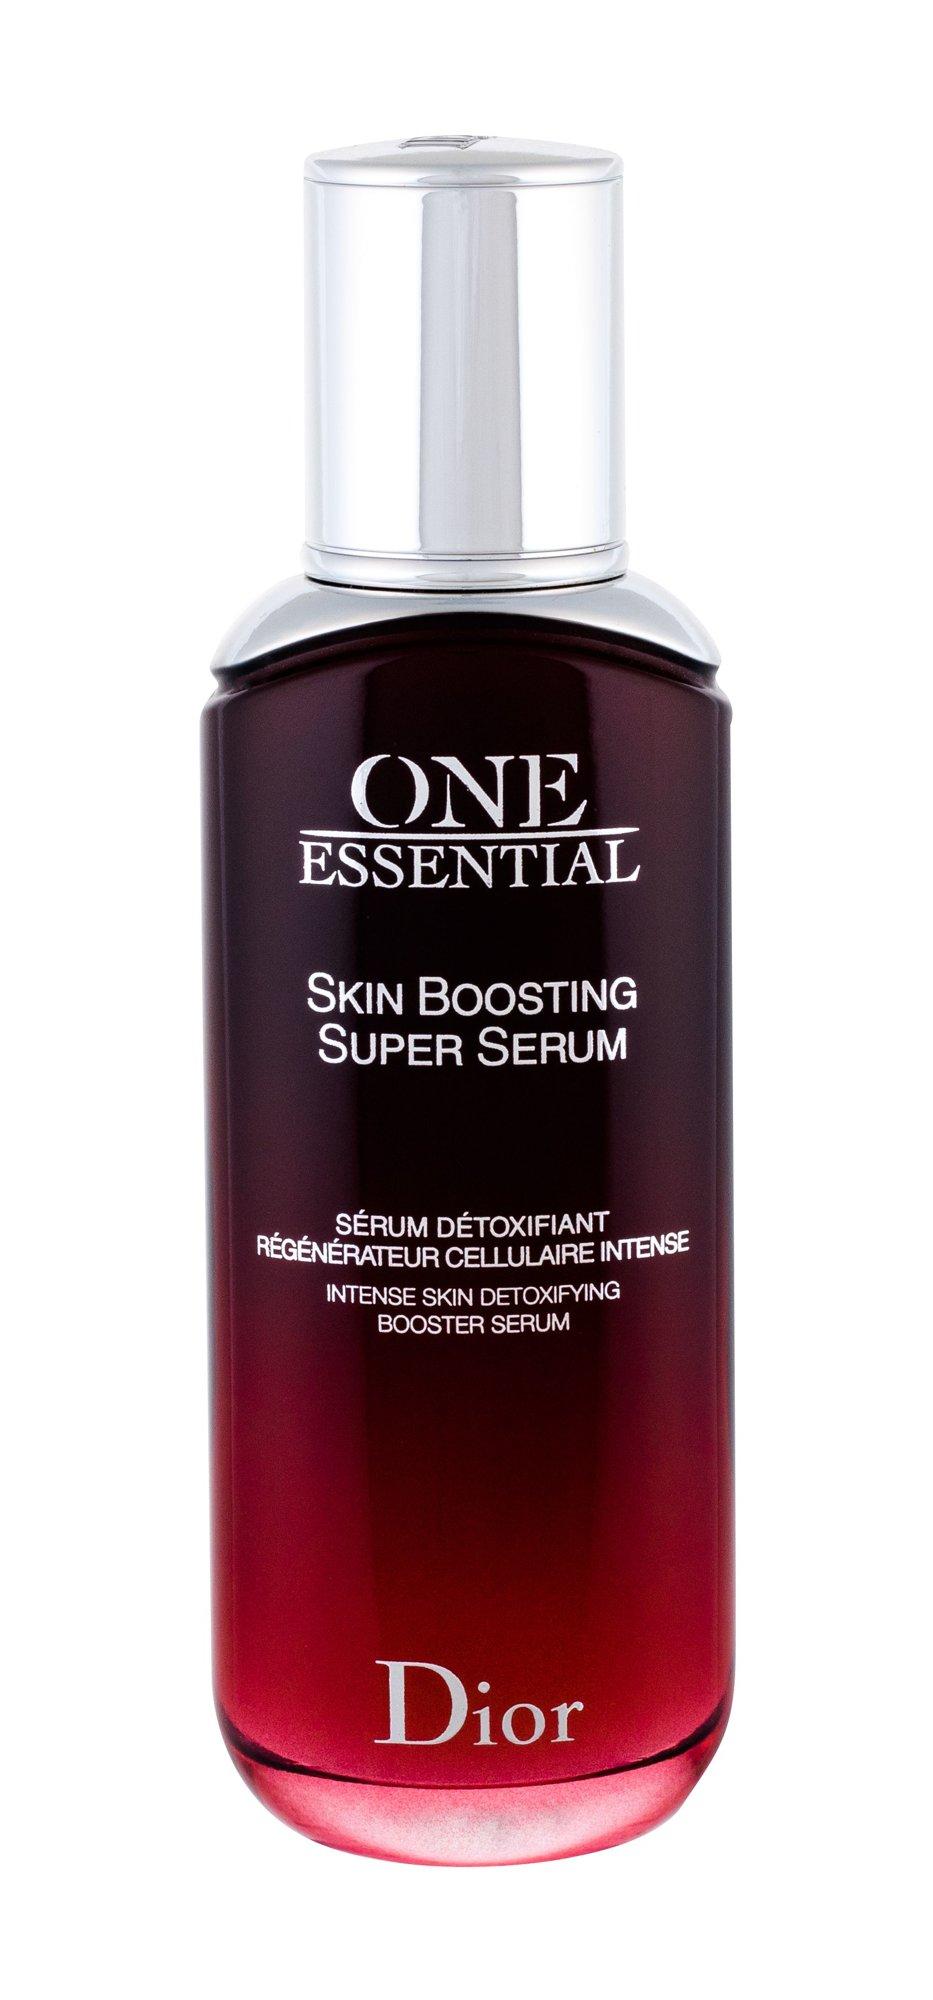 Christian Dior One Essential Skin Serum 75ml  Skin Boosting Super Serum